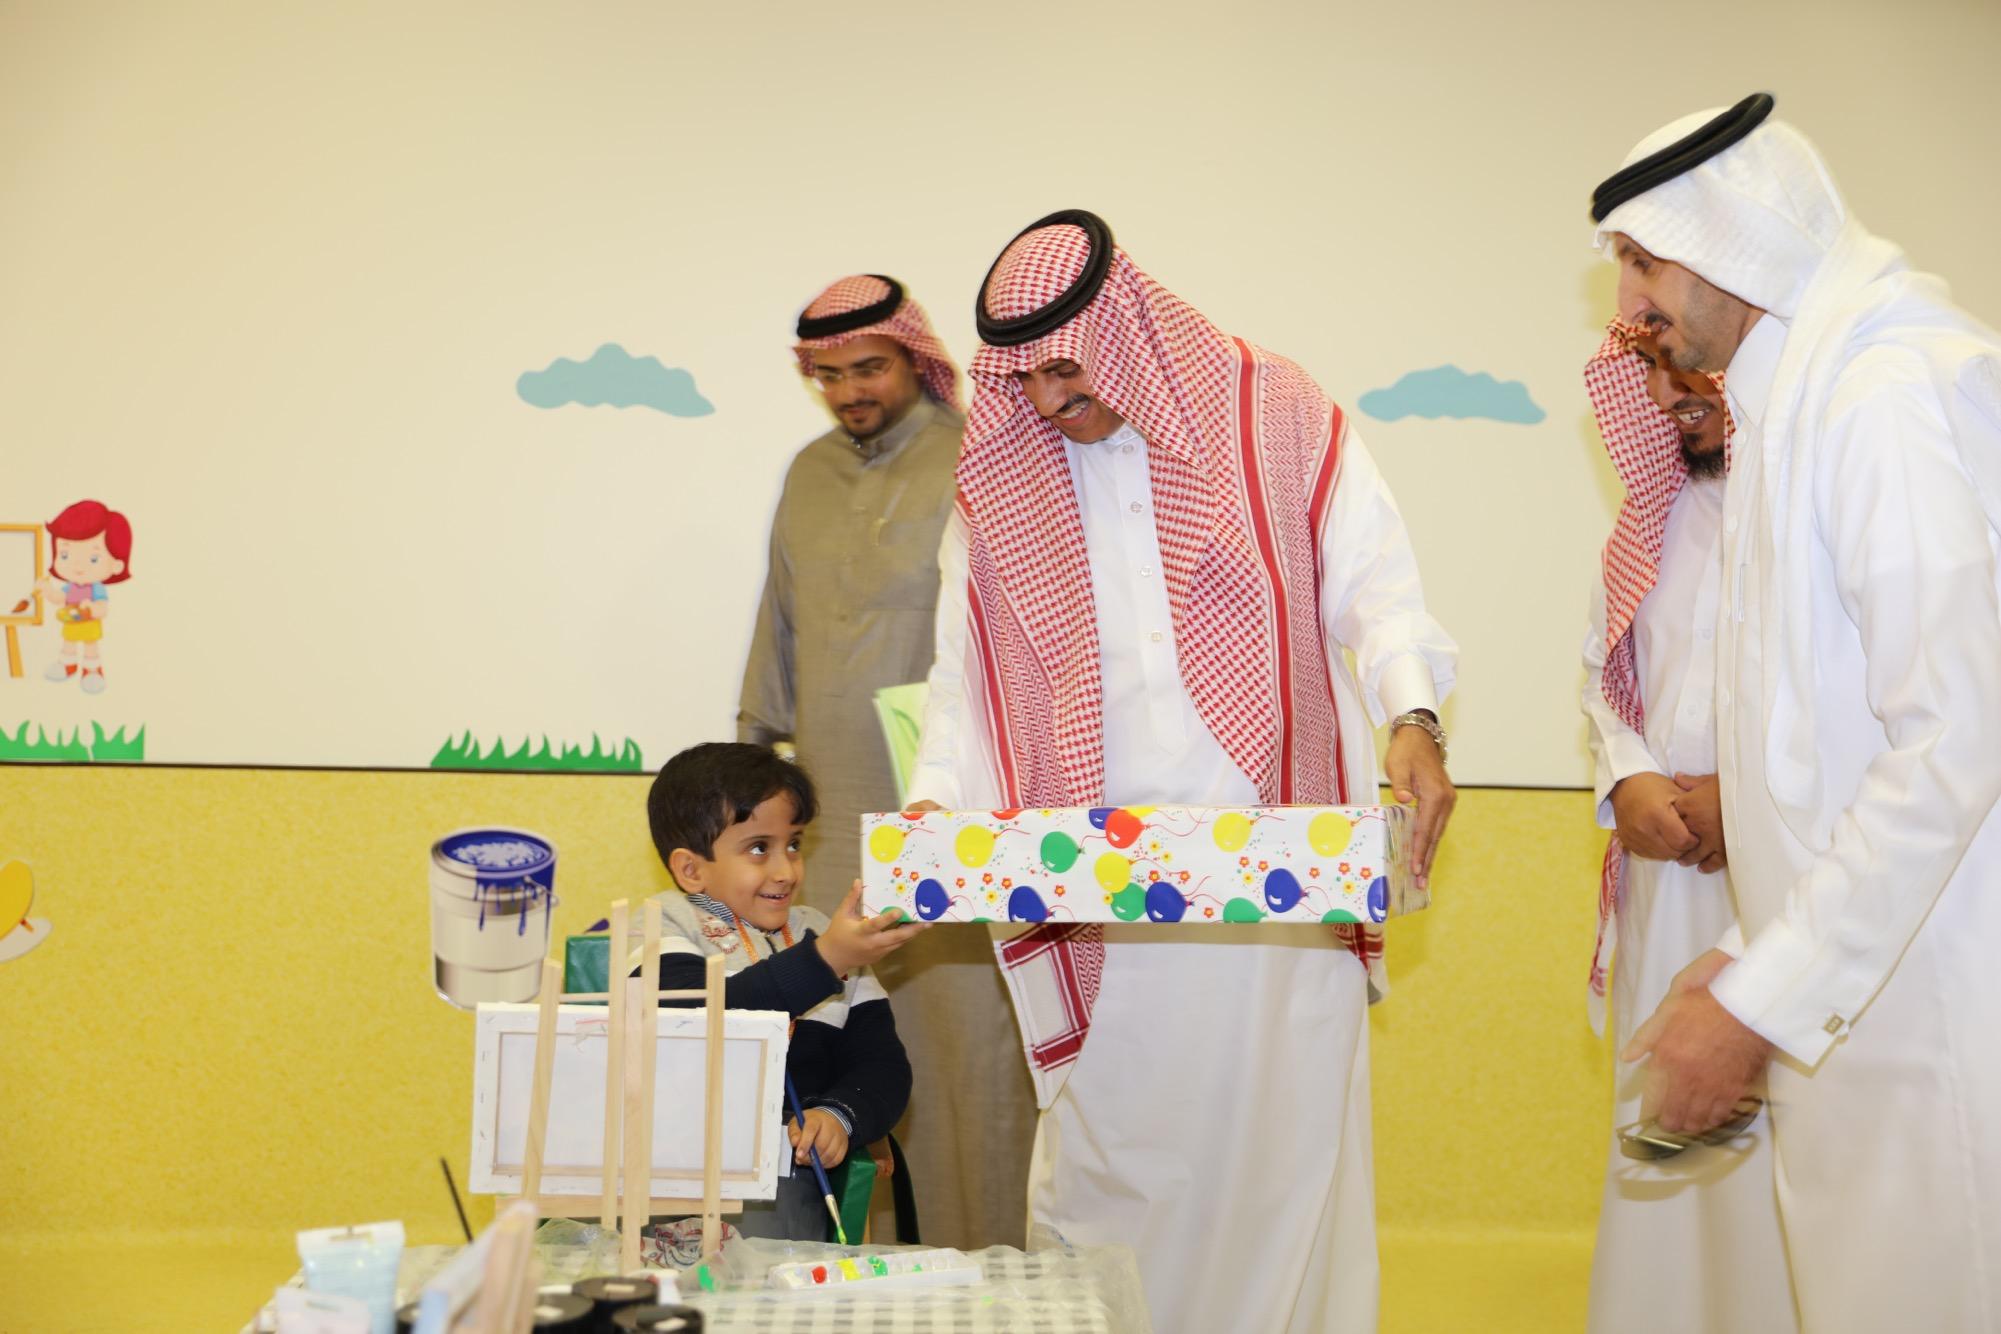 مدير جامعة الملك خالد يزور الأطفال المعوقين بعسير ويشيد بفكرة الطفل المسؤول - المواطن